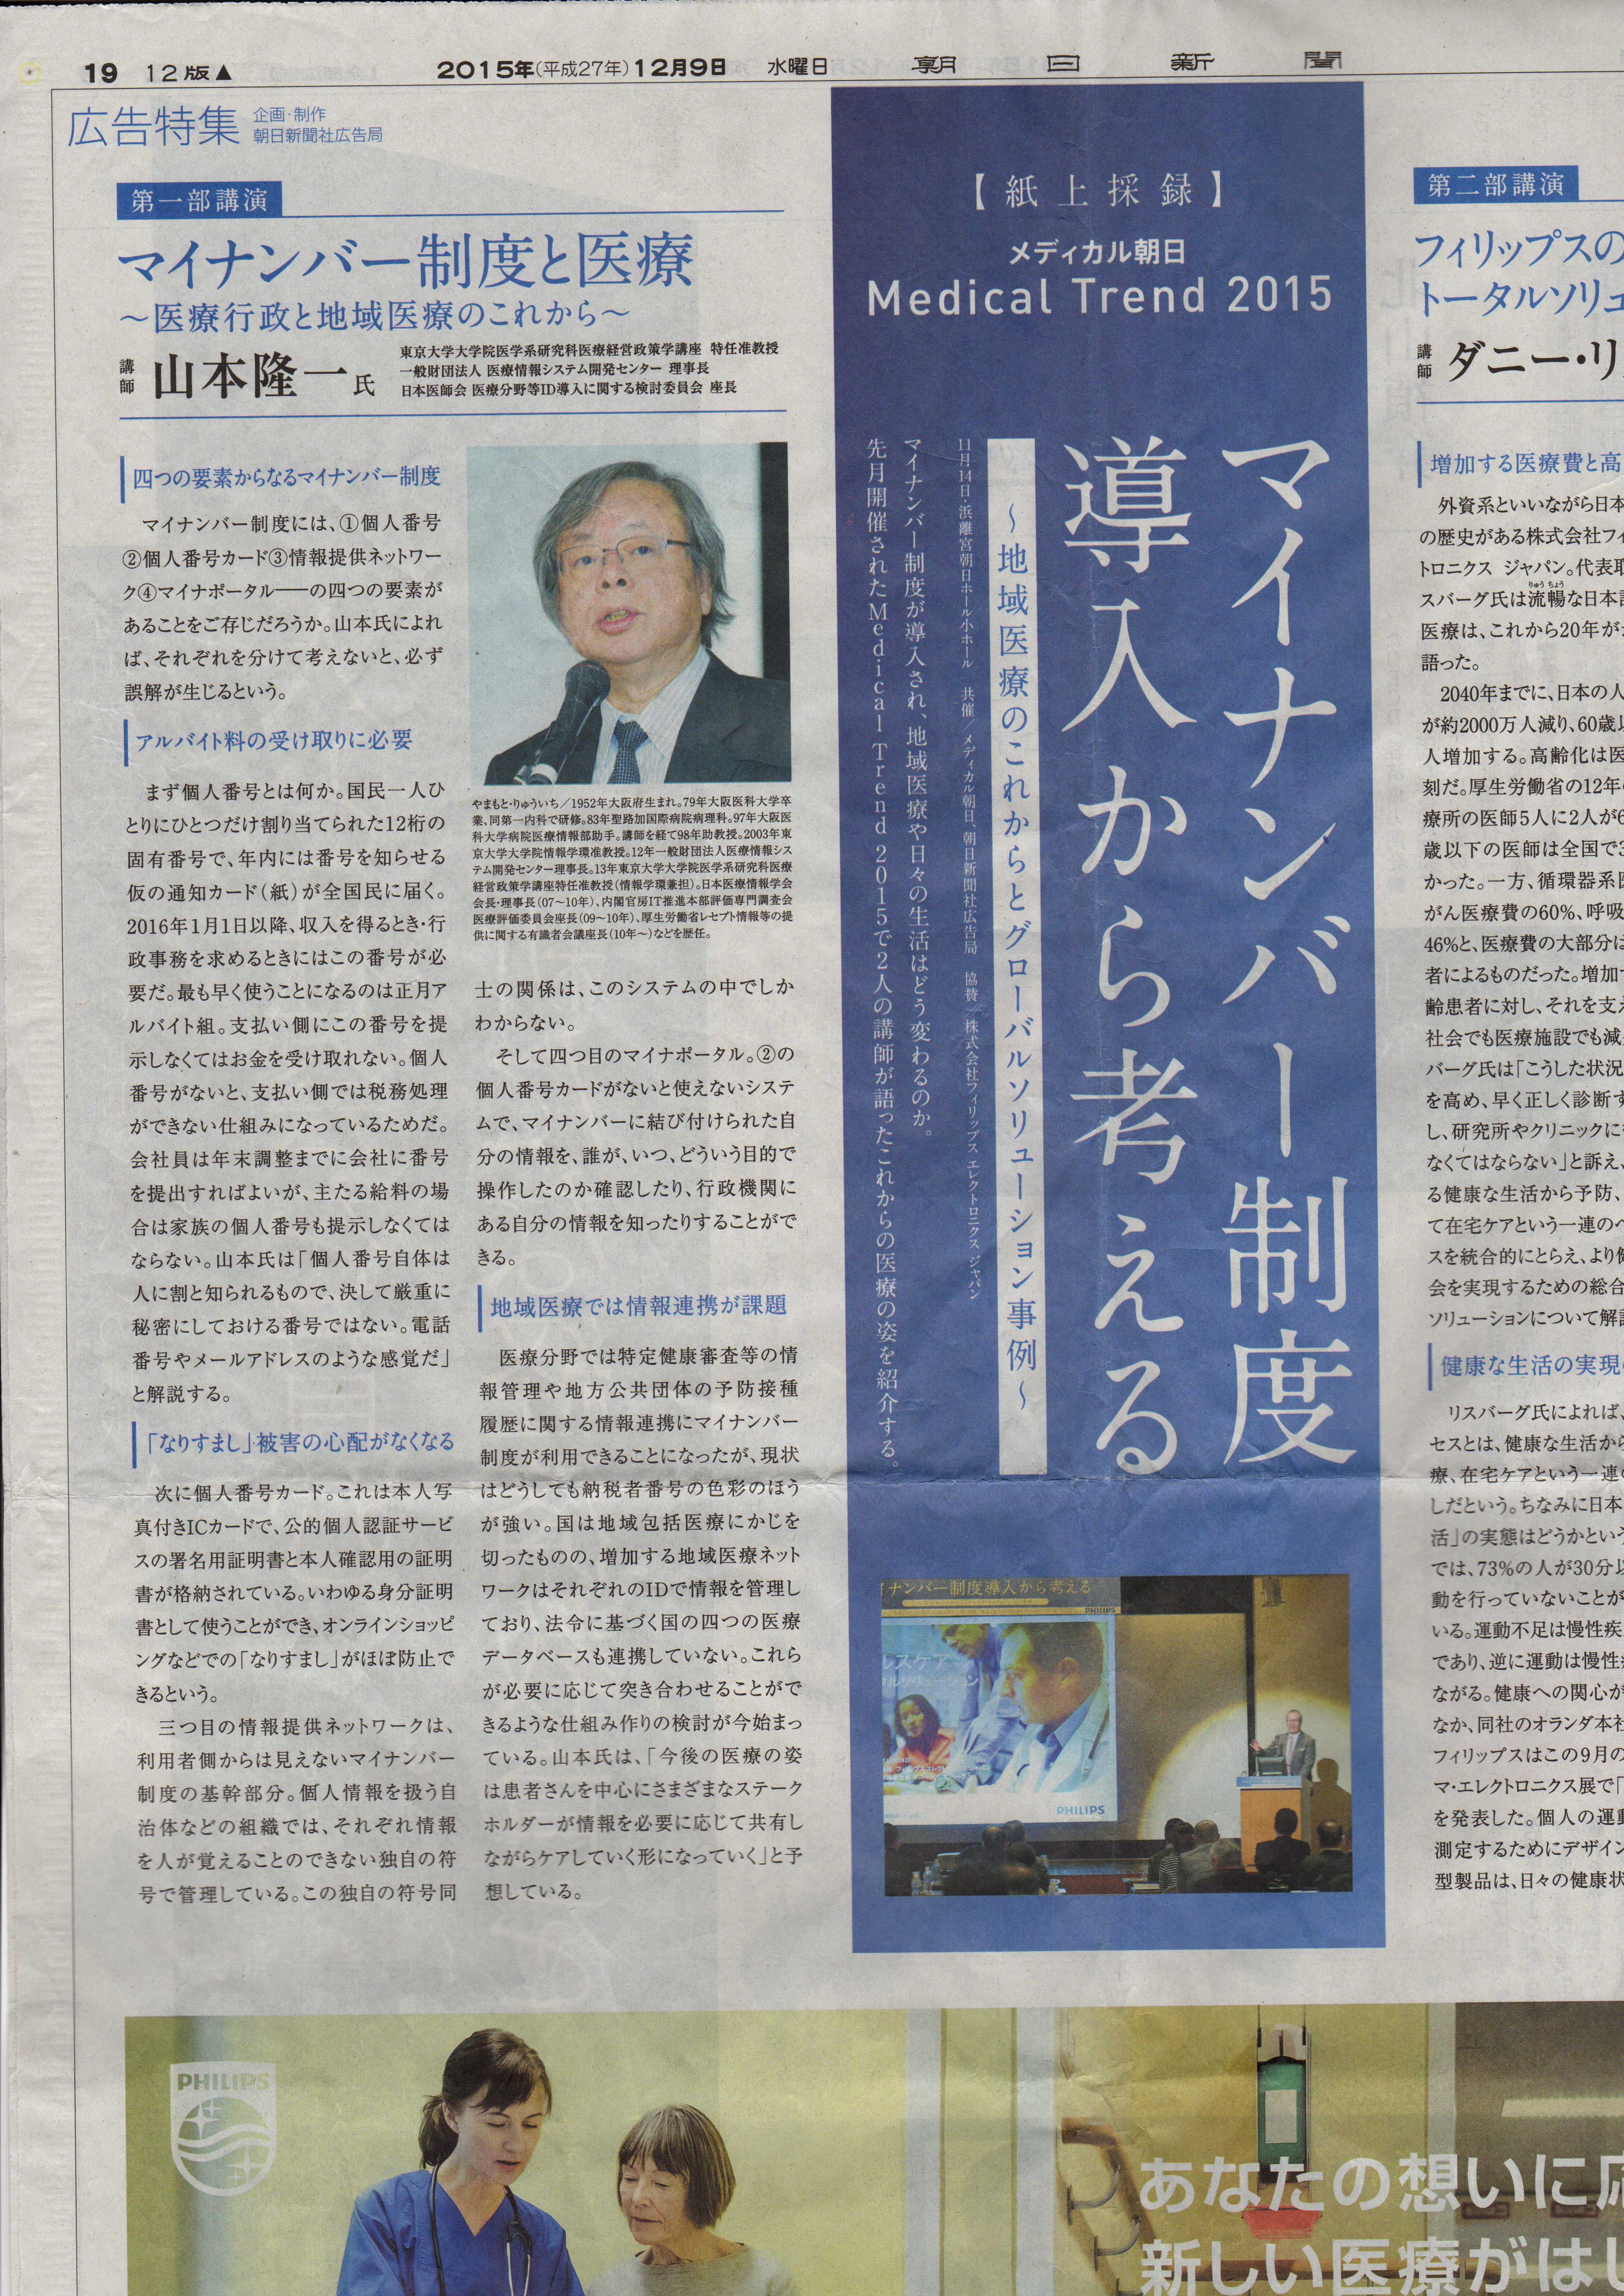 山本隆一先生「マイナンバー制度と医療:朝日新聞12月